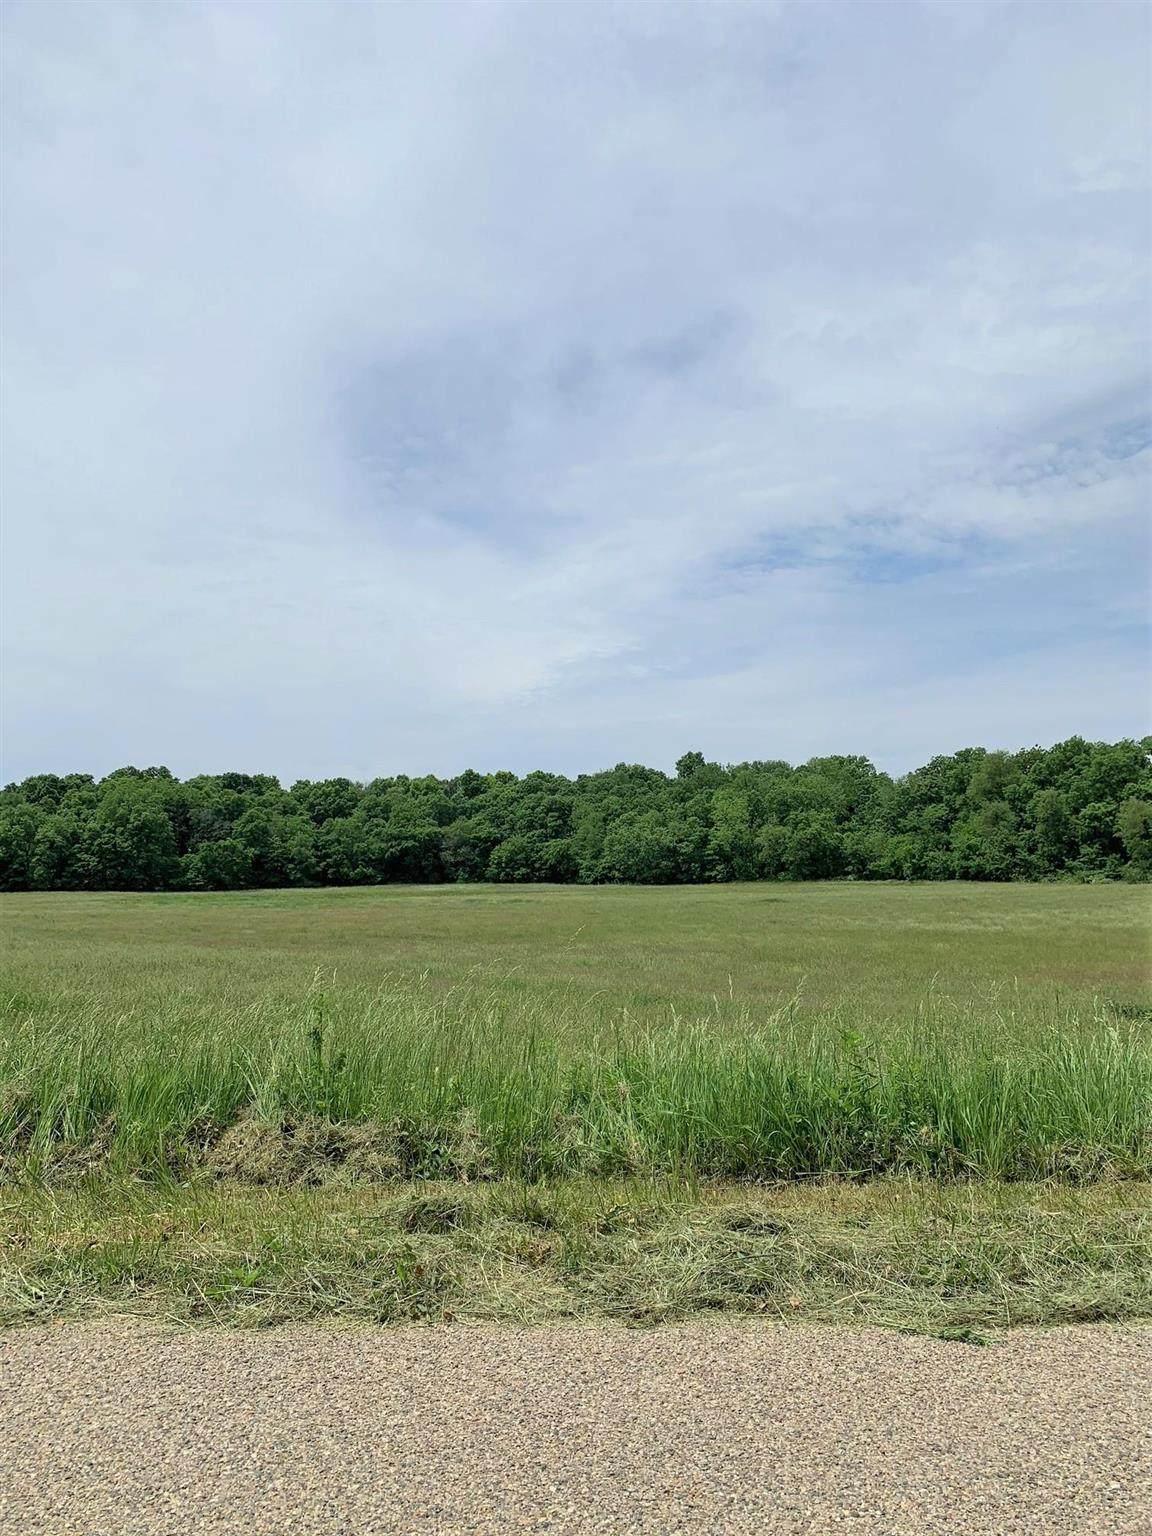 9026 Rainsville Rd - Lot 2 - Photo 1